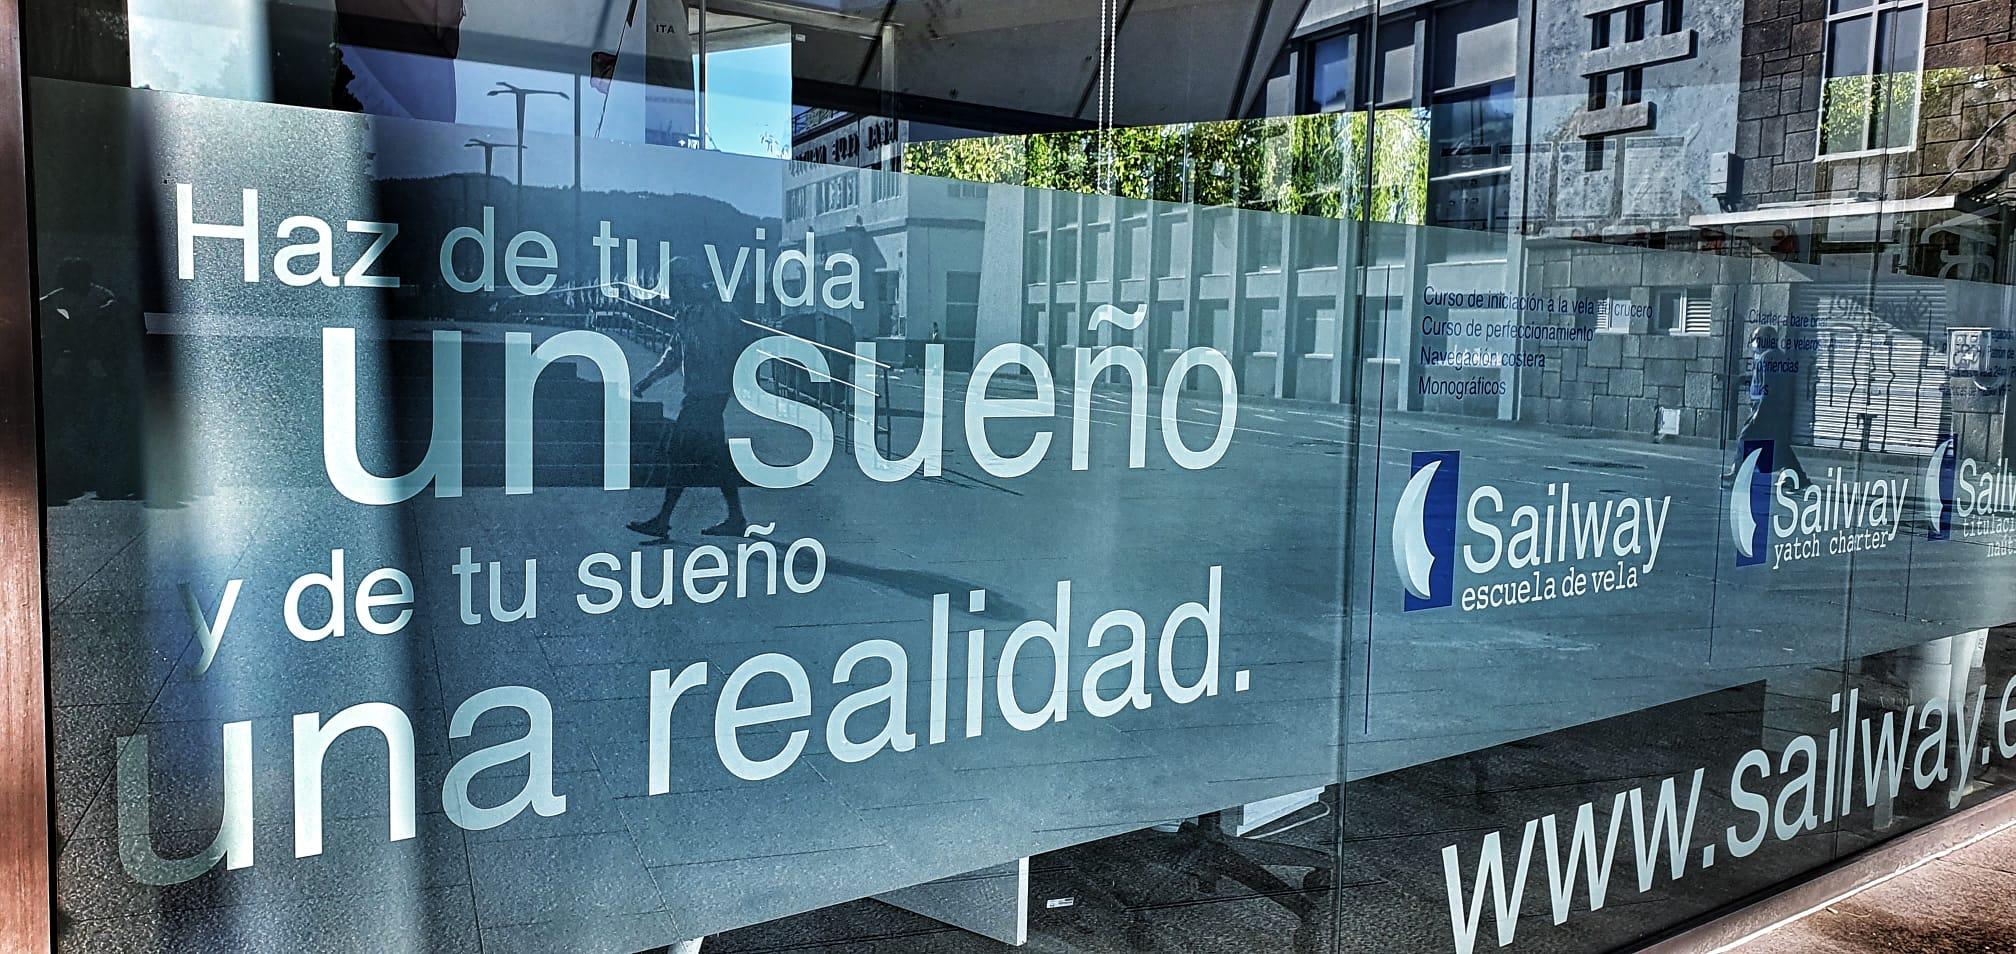 Oficina_atencion_al_cliente_Sailway_Vigo_Galicia